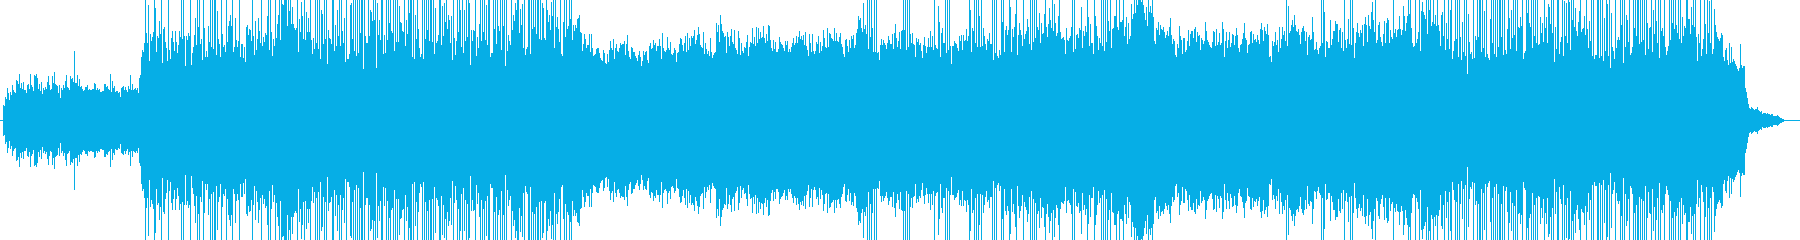 未来的で現代的なダウンテンポのベー...の再生済みの波形